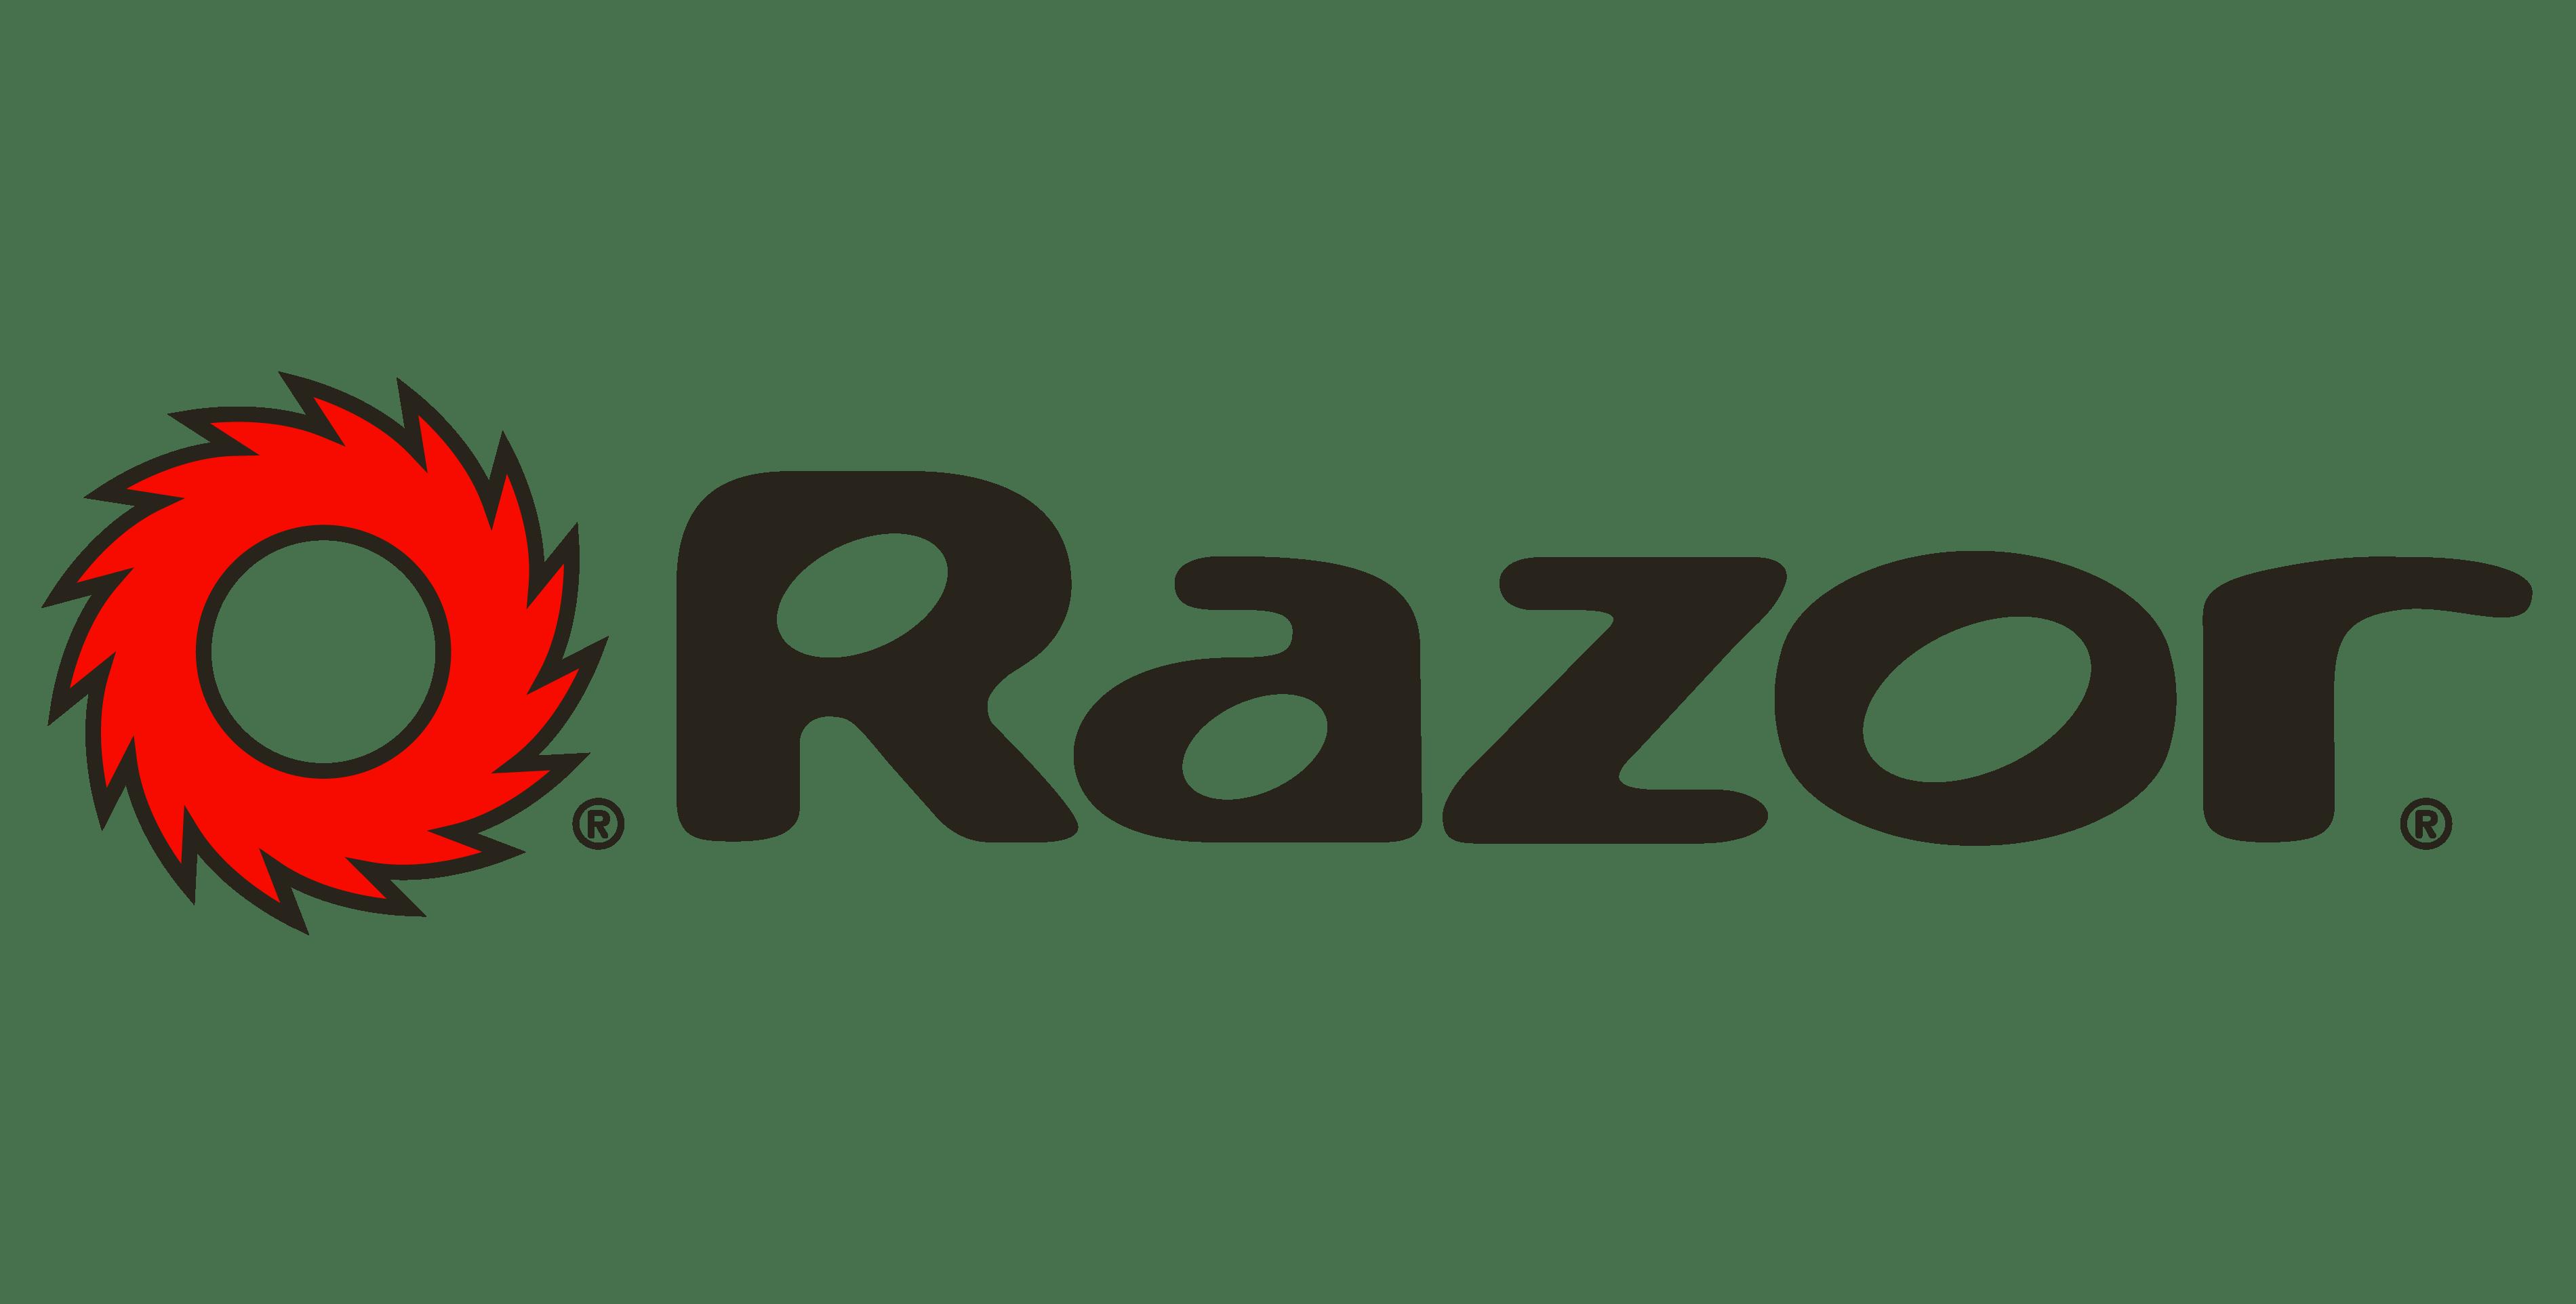 Razor Logo Motorcycle Motorcycle Logos Motorcycle Logo